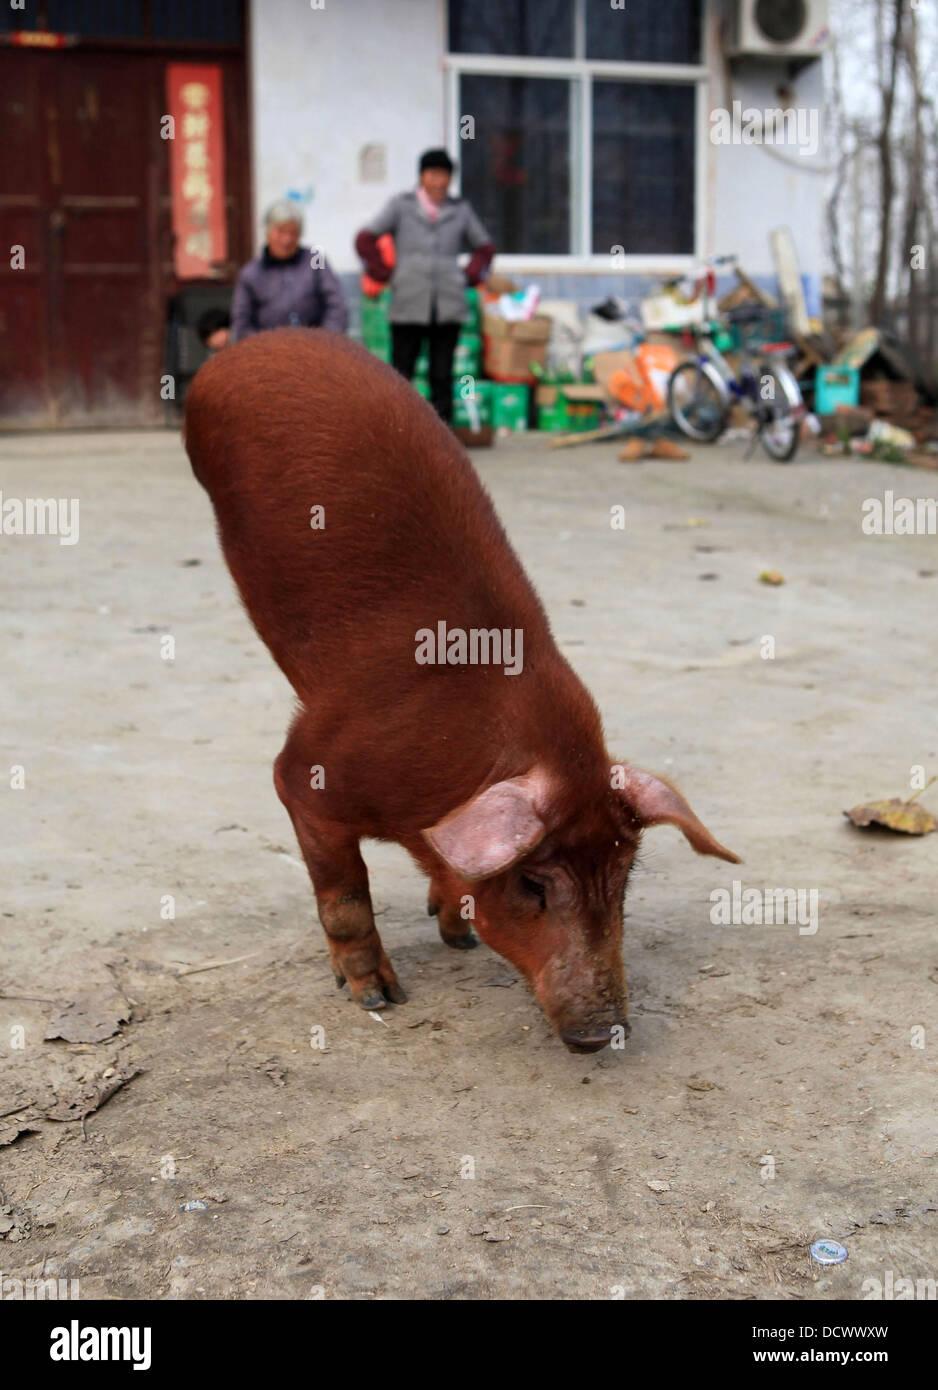 Two-Legged cerdo un cerdo nacido sin su detrás de las piernas se ha enseñado a caminar por su propia cuenta. Los discapacitados bestia nació en julio (11) en la zona oriental de la provincia de Anhui y luchó en las primeras semanas de su vida, de acuerdo a su propietario. Pero el agricultor Xi Ge Foto de stock